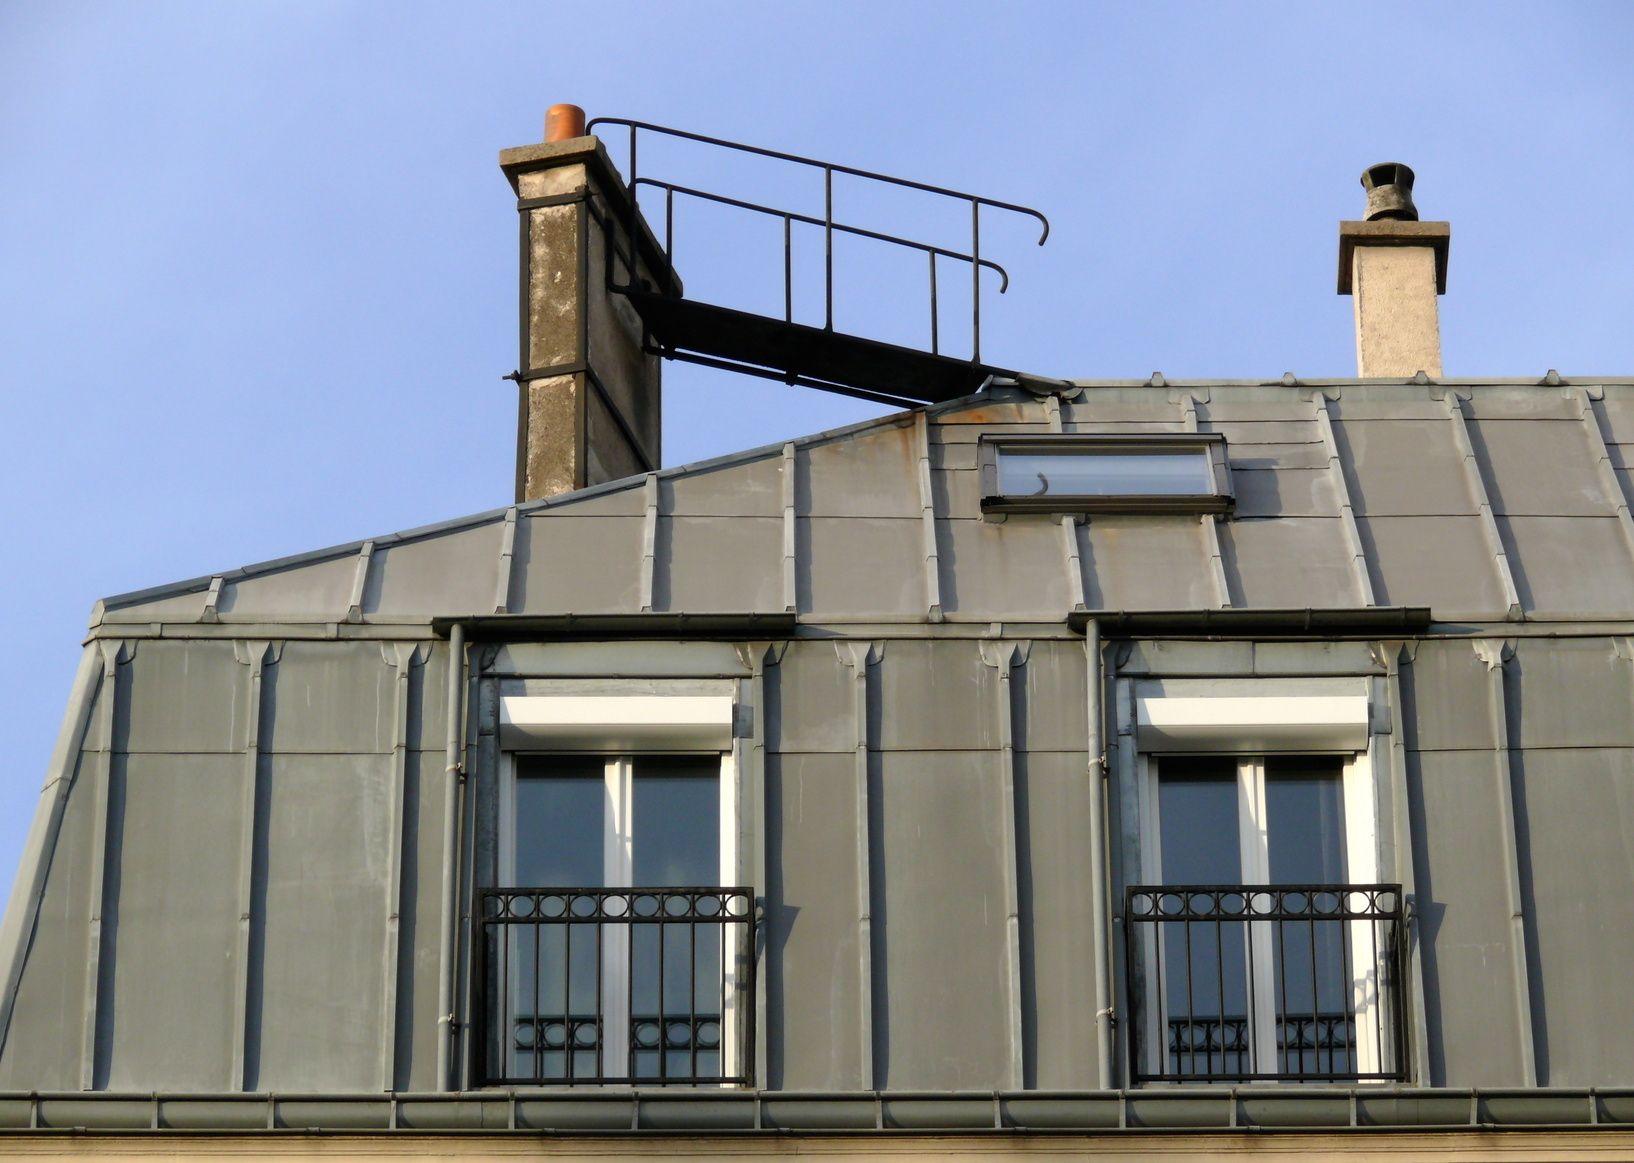 Facade Maison Grise Et Blanche R Sultat De Recherche D Images Pour Fa Ade House